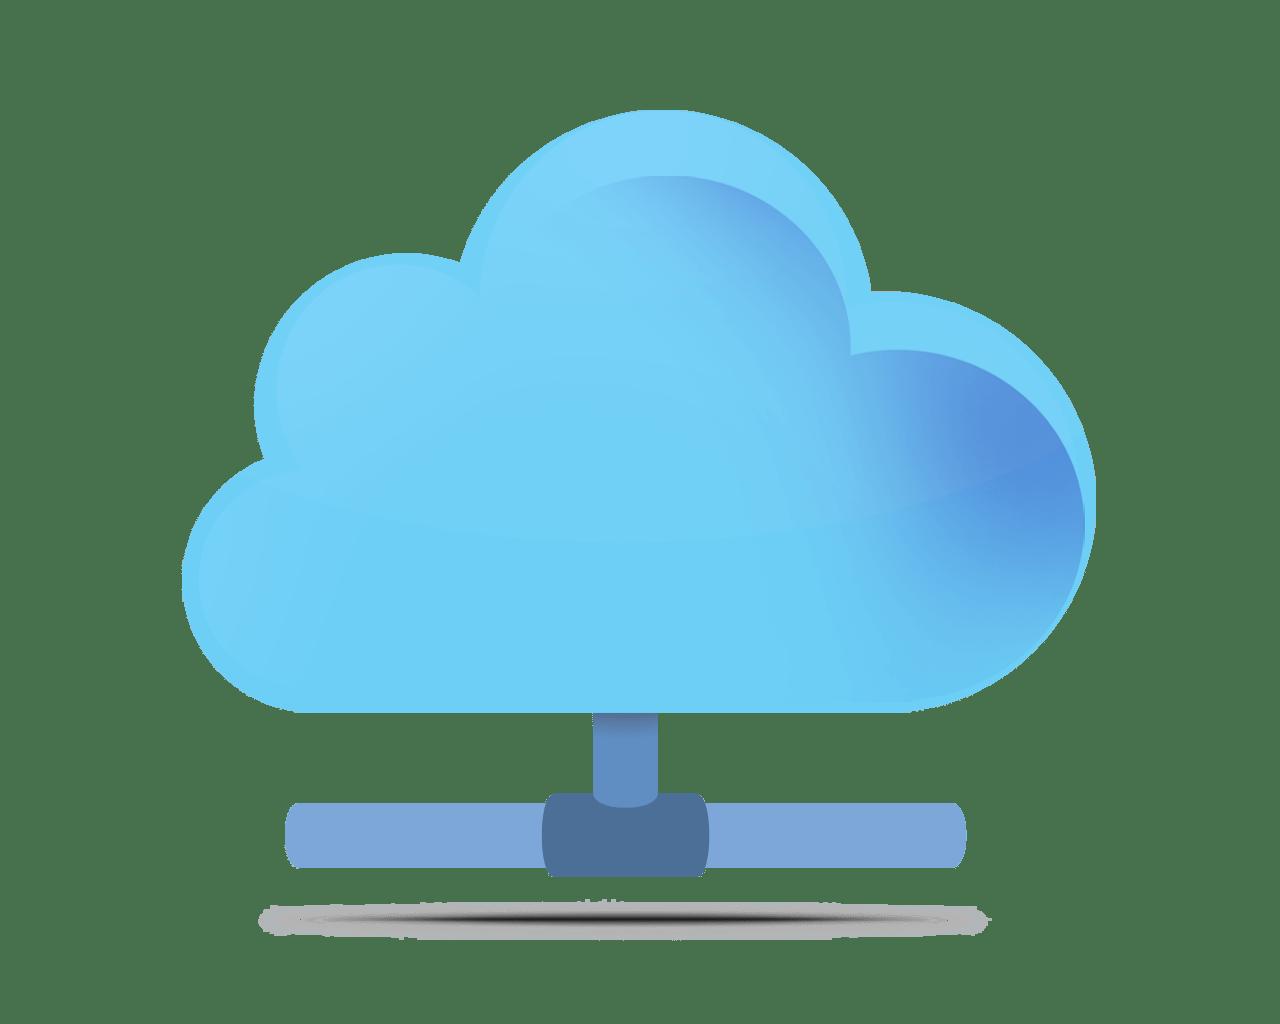 Internet Cloud Icon - ClipArt Best (1280 x 1024 Pixel)